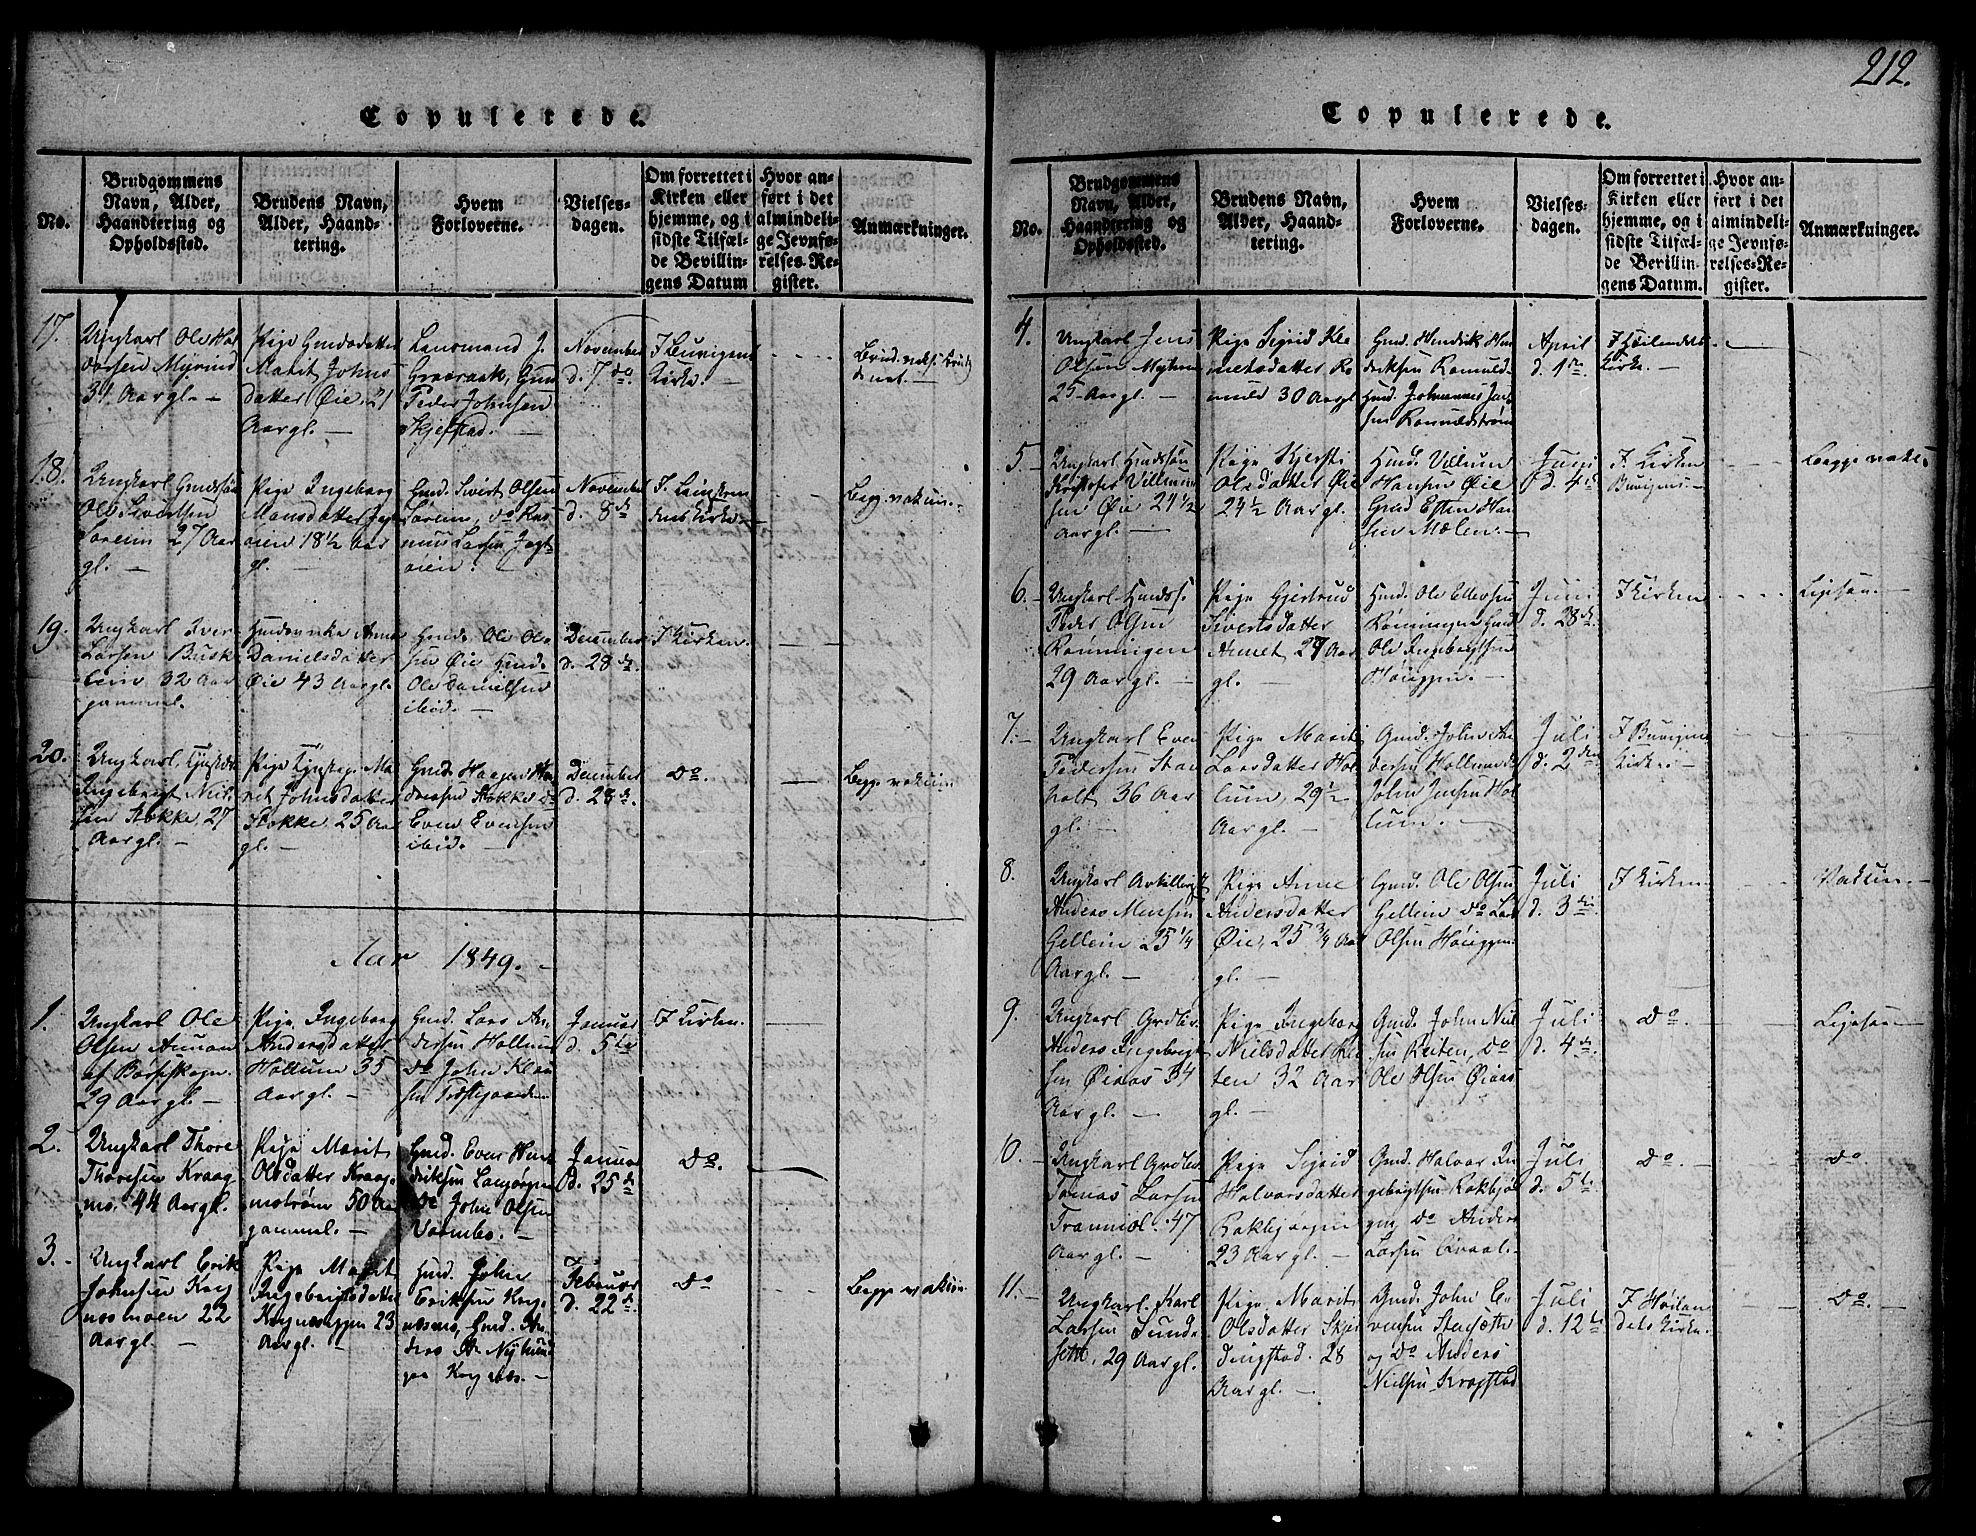 SAT, Ministerialprotokoller, klokkerbøker og fødselsregistre - Sør-Trøndelag, 691/L1092: Klokkerbok nr. 691C03, 1816-1852, s. 212